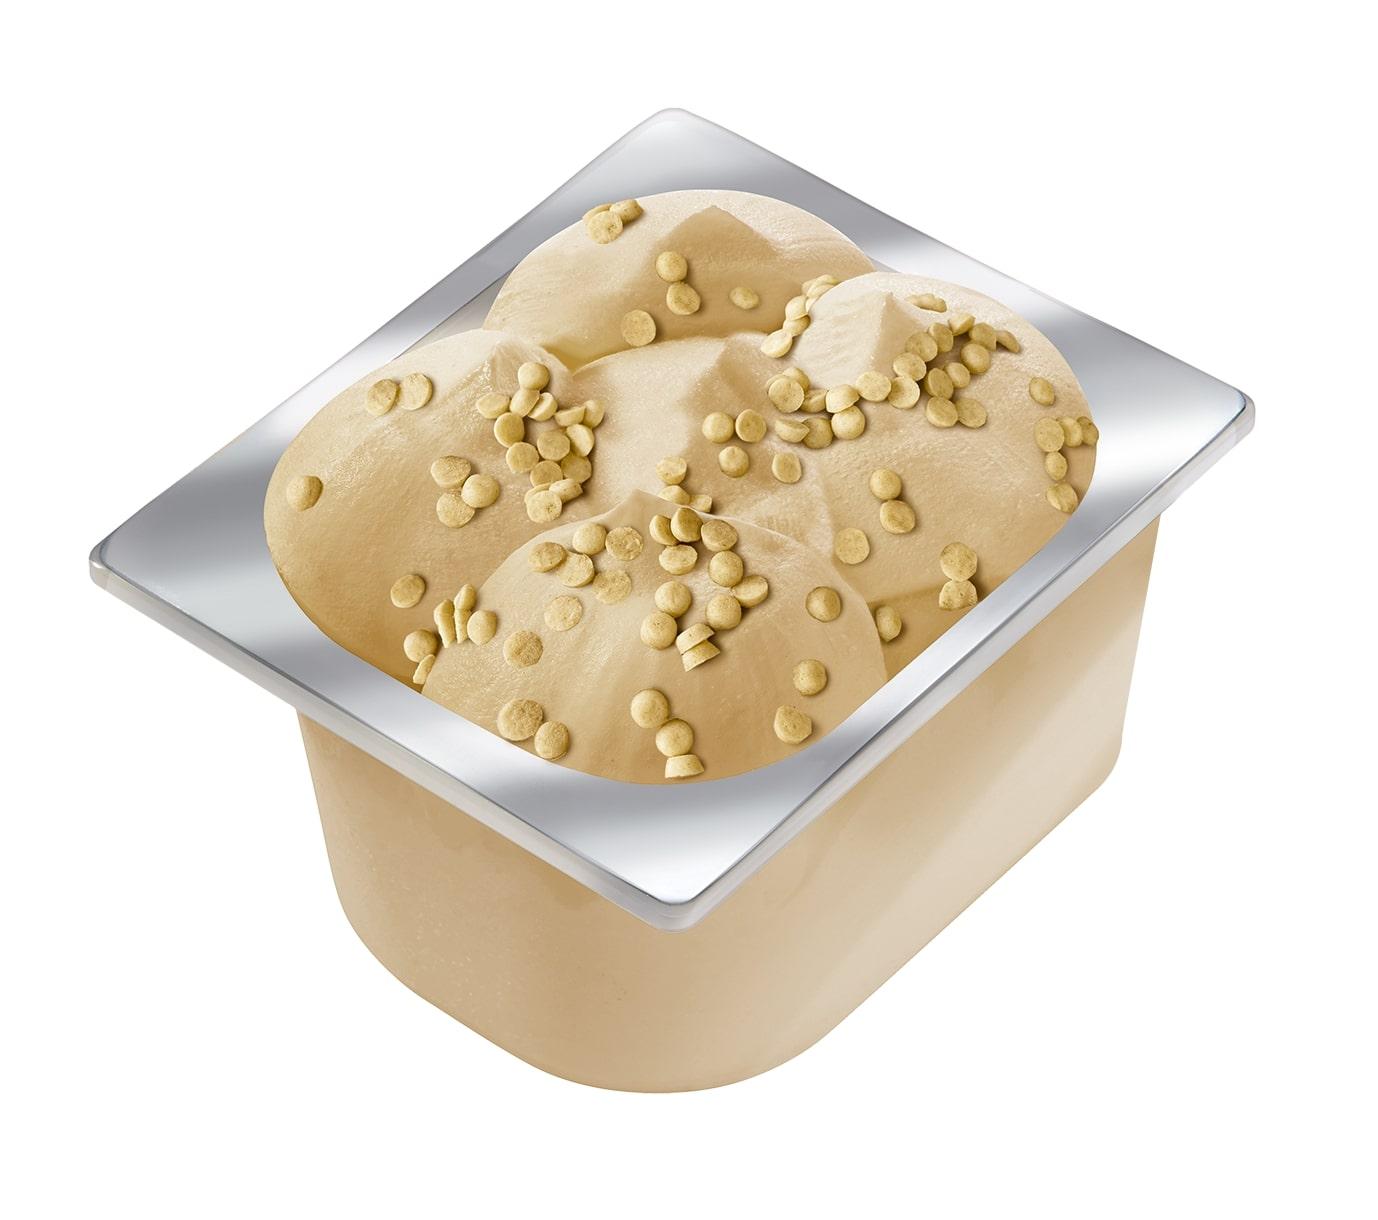 Carte D'Or Мороженое Карамель (1375 г) - Содержит кусочки сливочной карамели и карамельный сироп